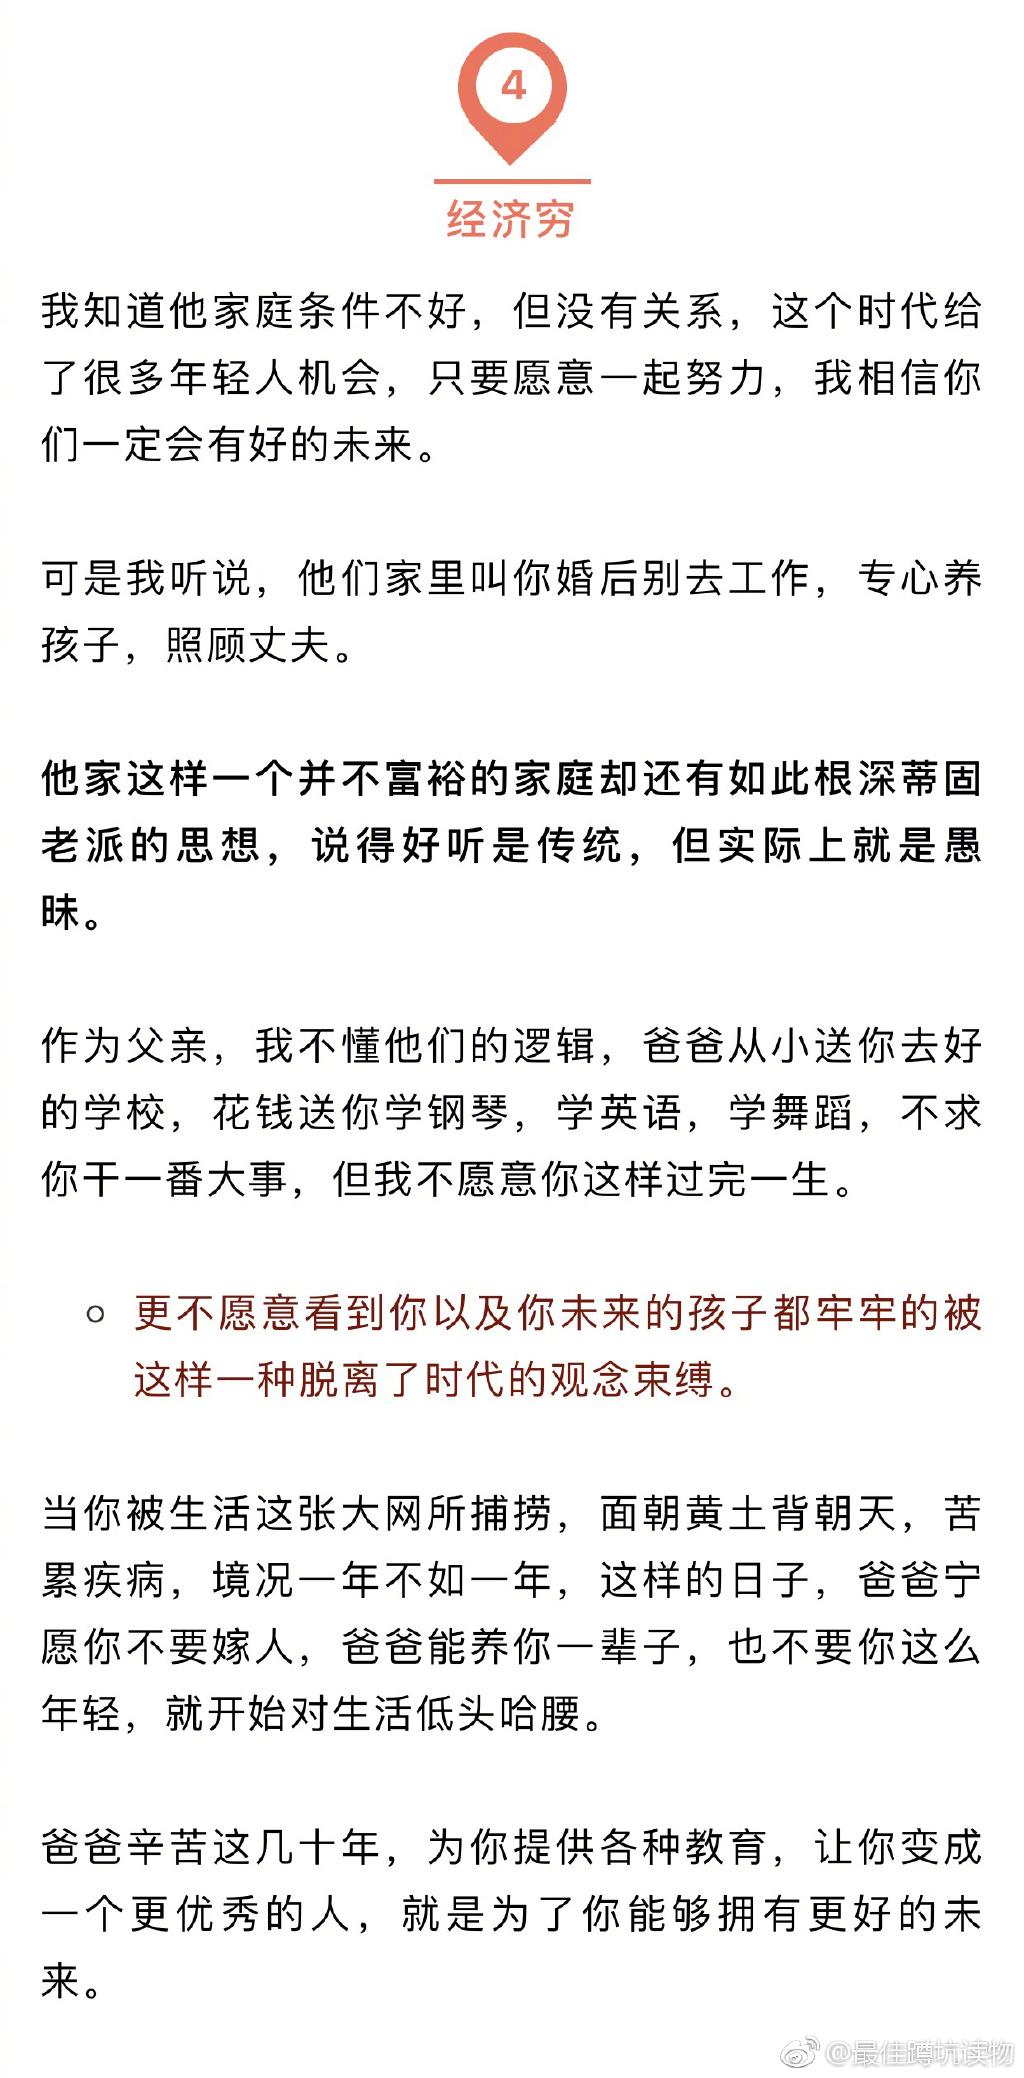 2018 青年福利微刊第 179 期:用薪创造快乐